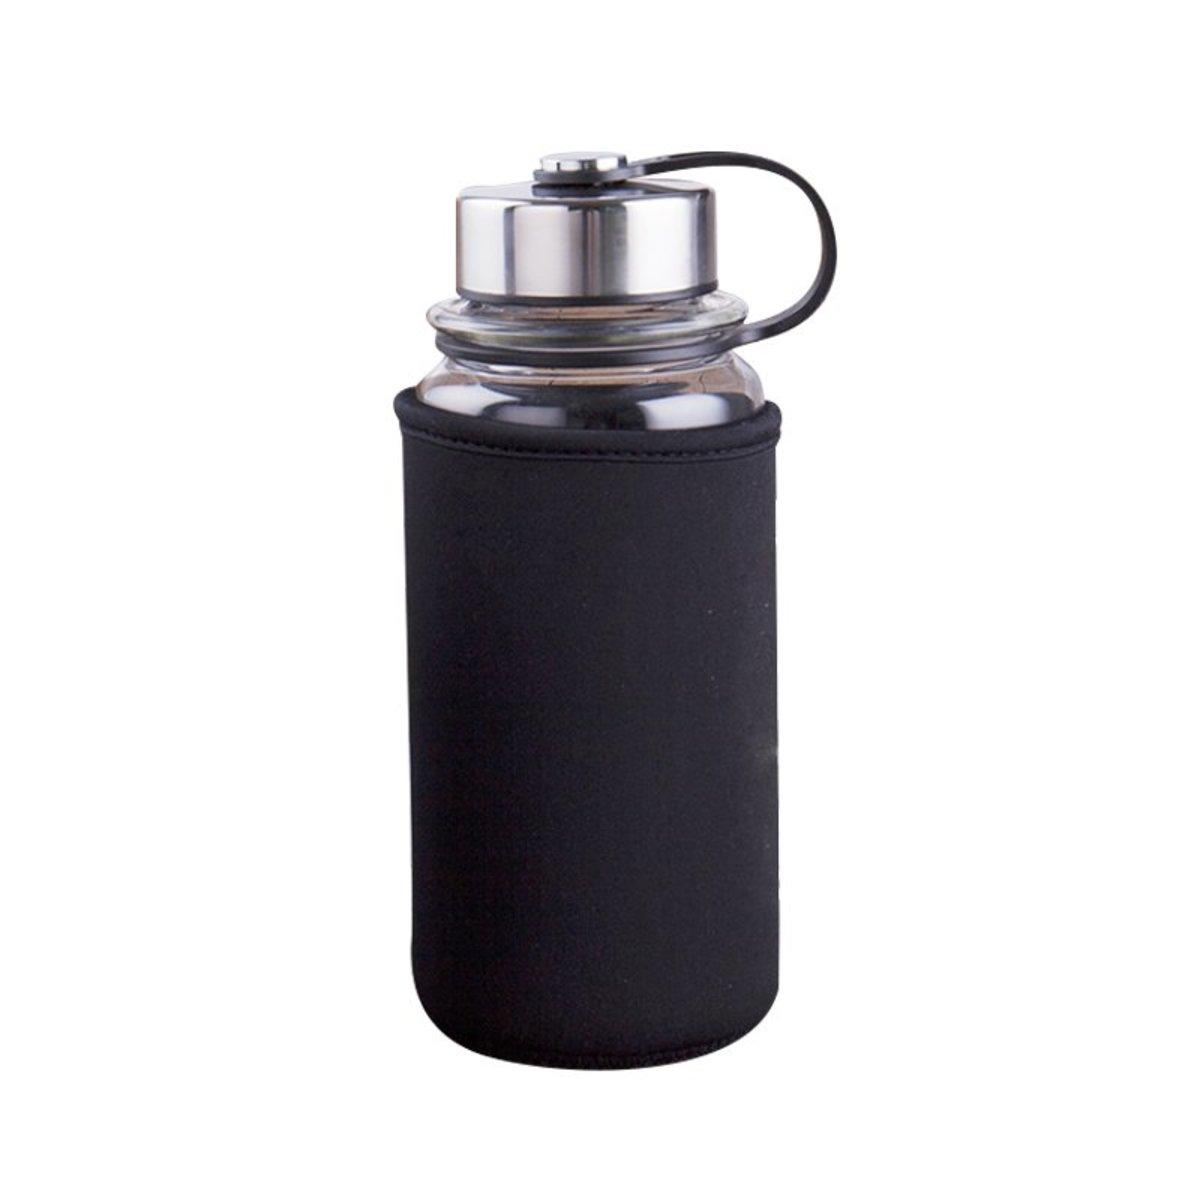 高硼硅玻璃便攜水樽 (1000ml)